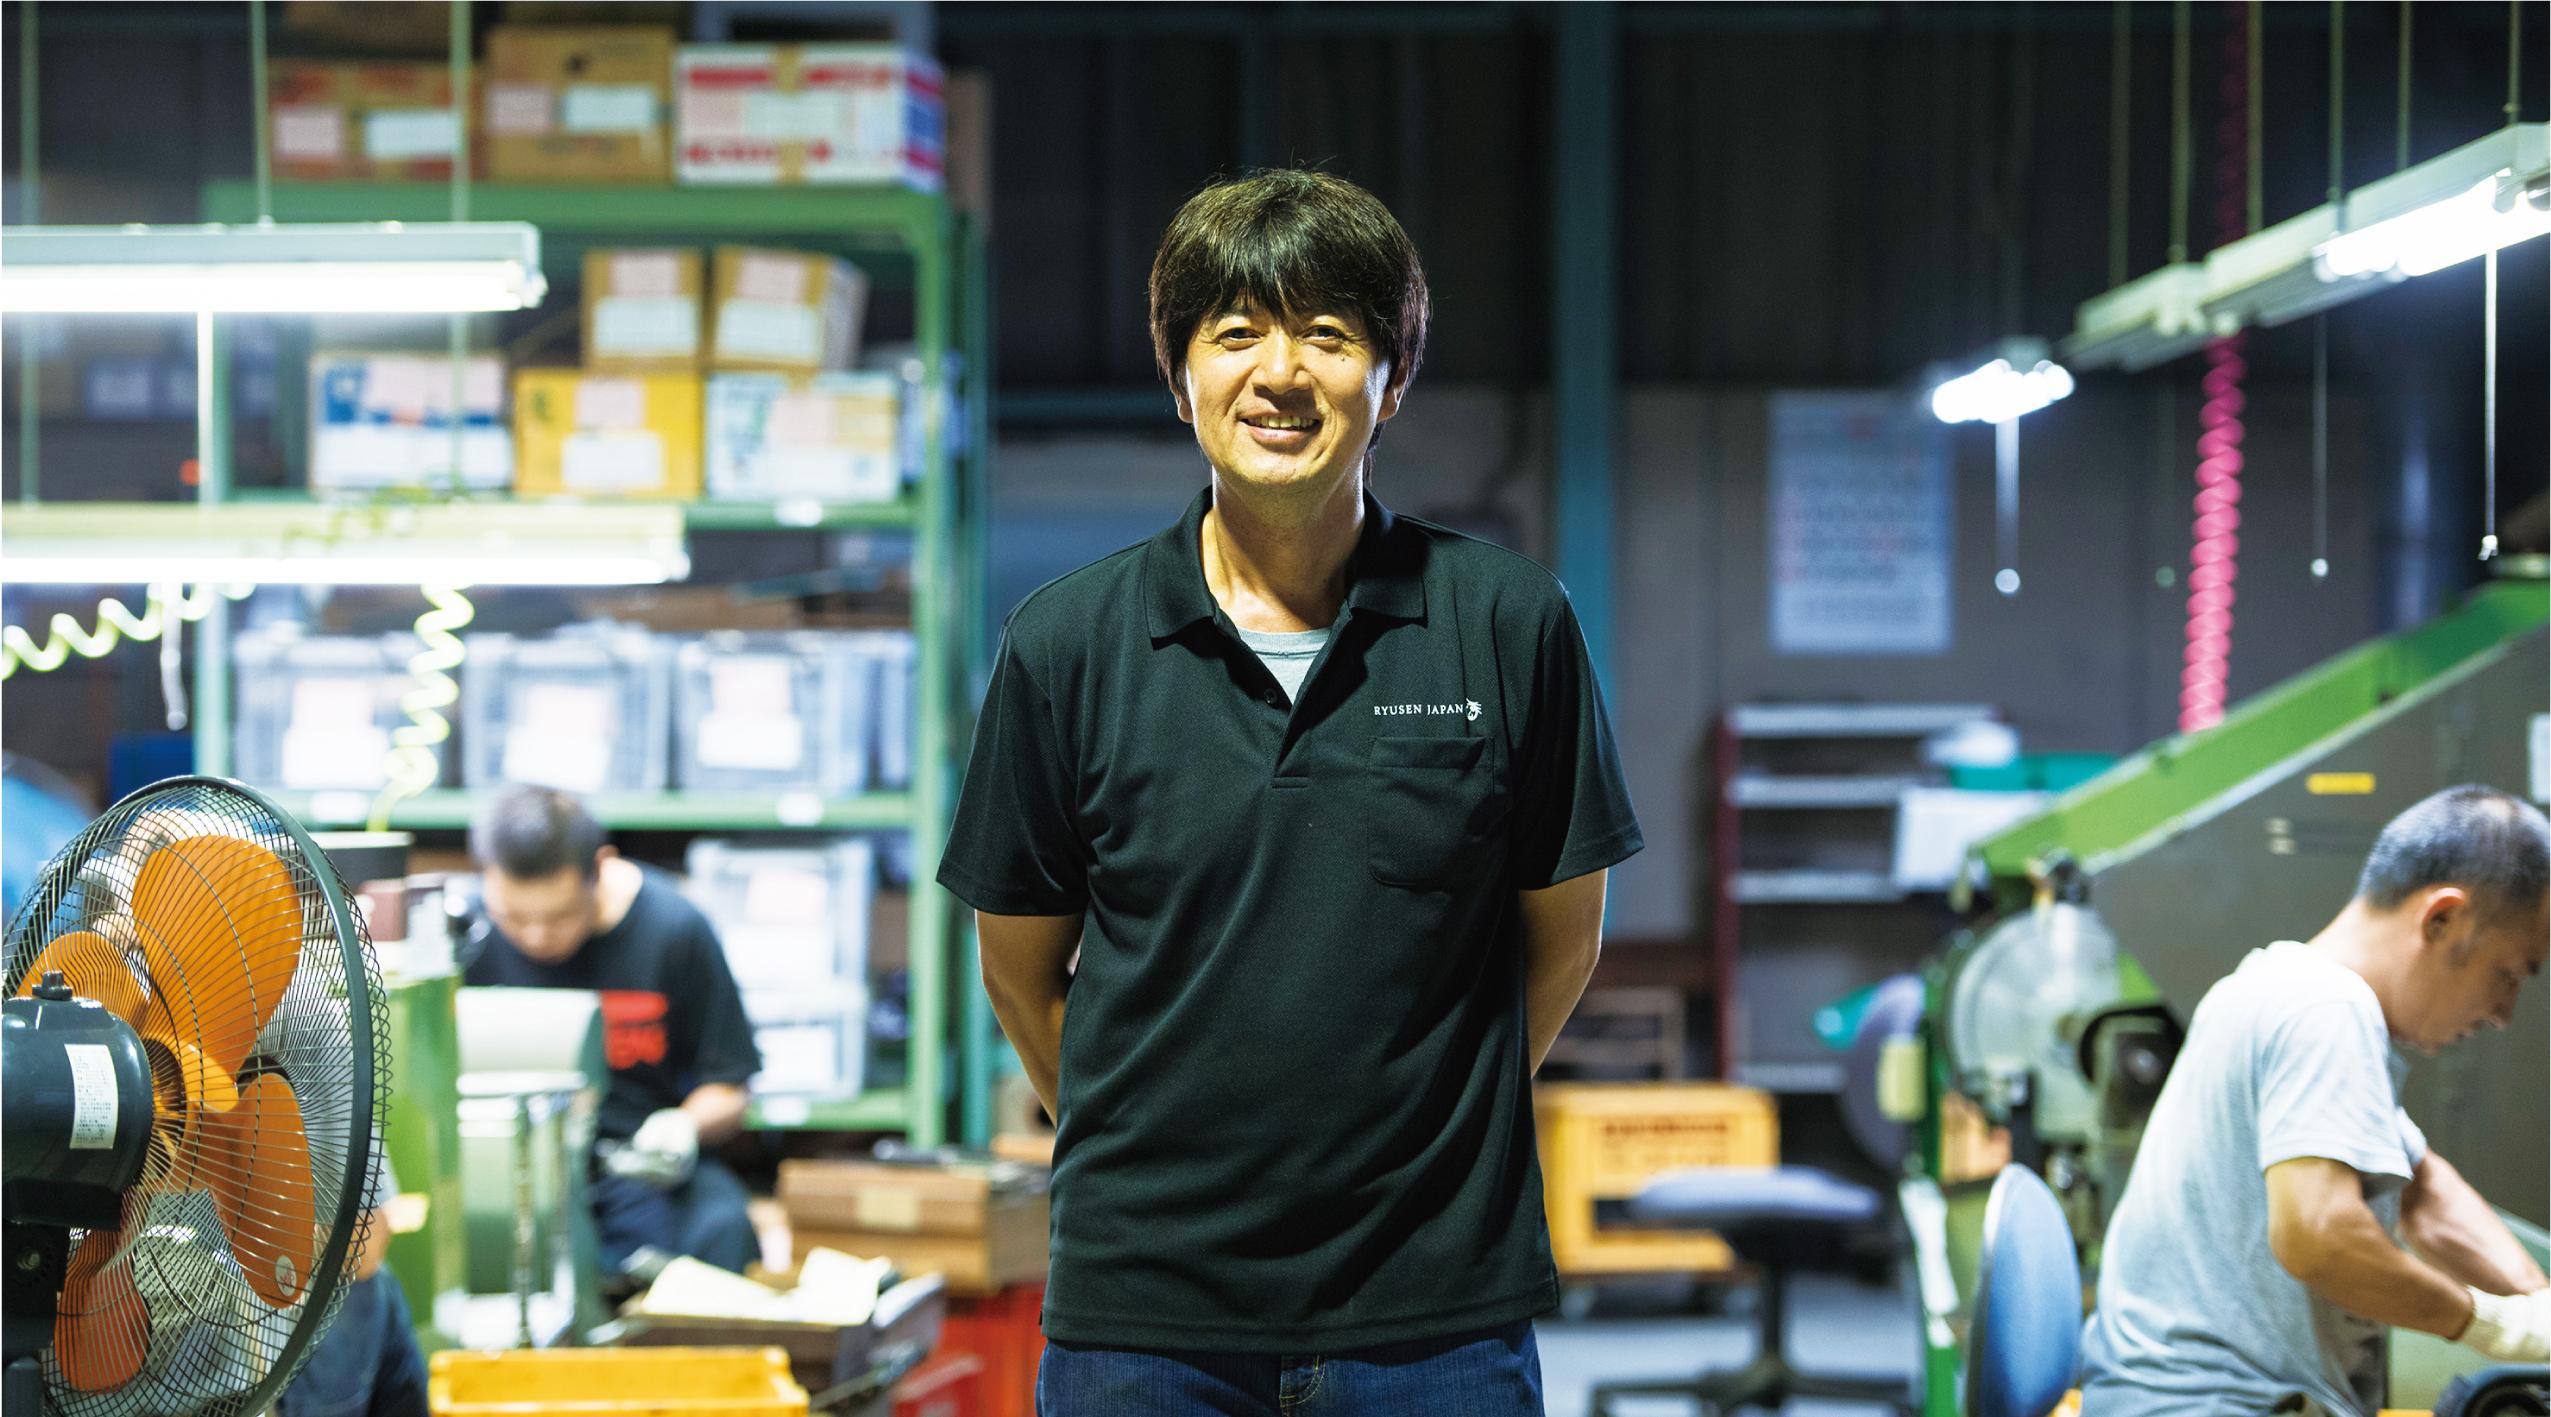 増谷浩司さん